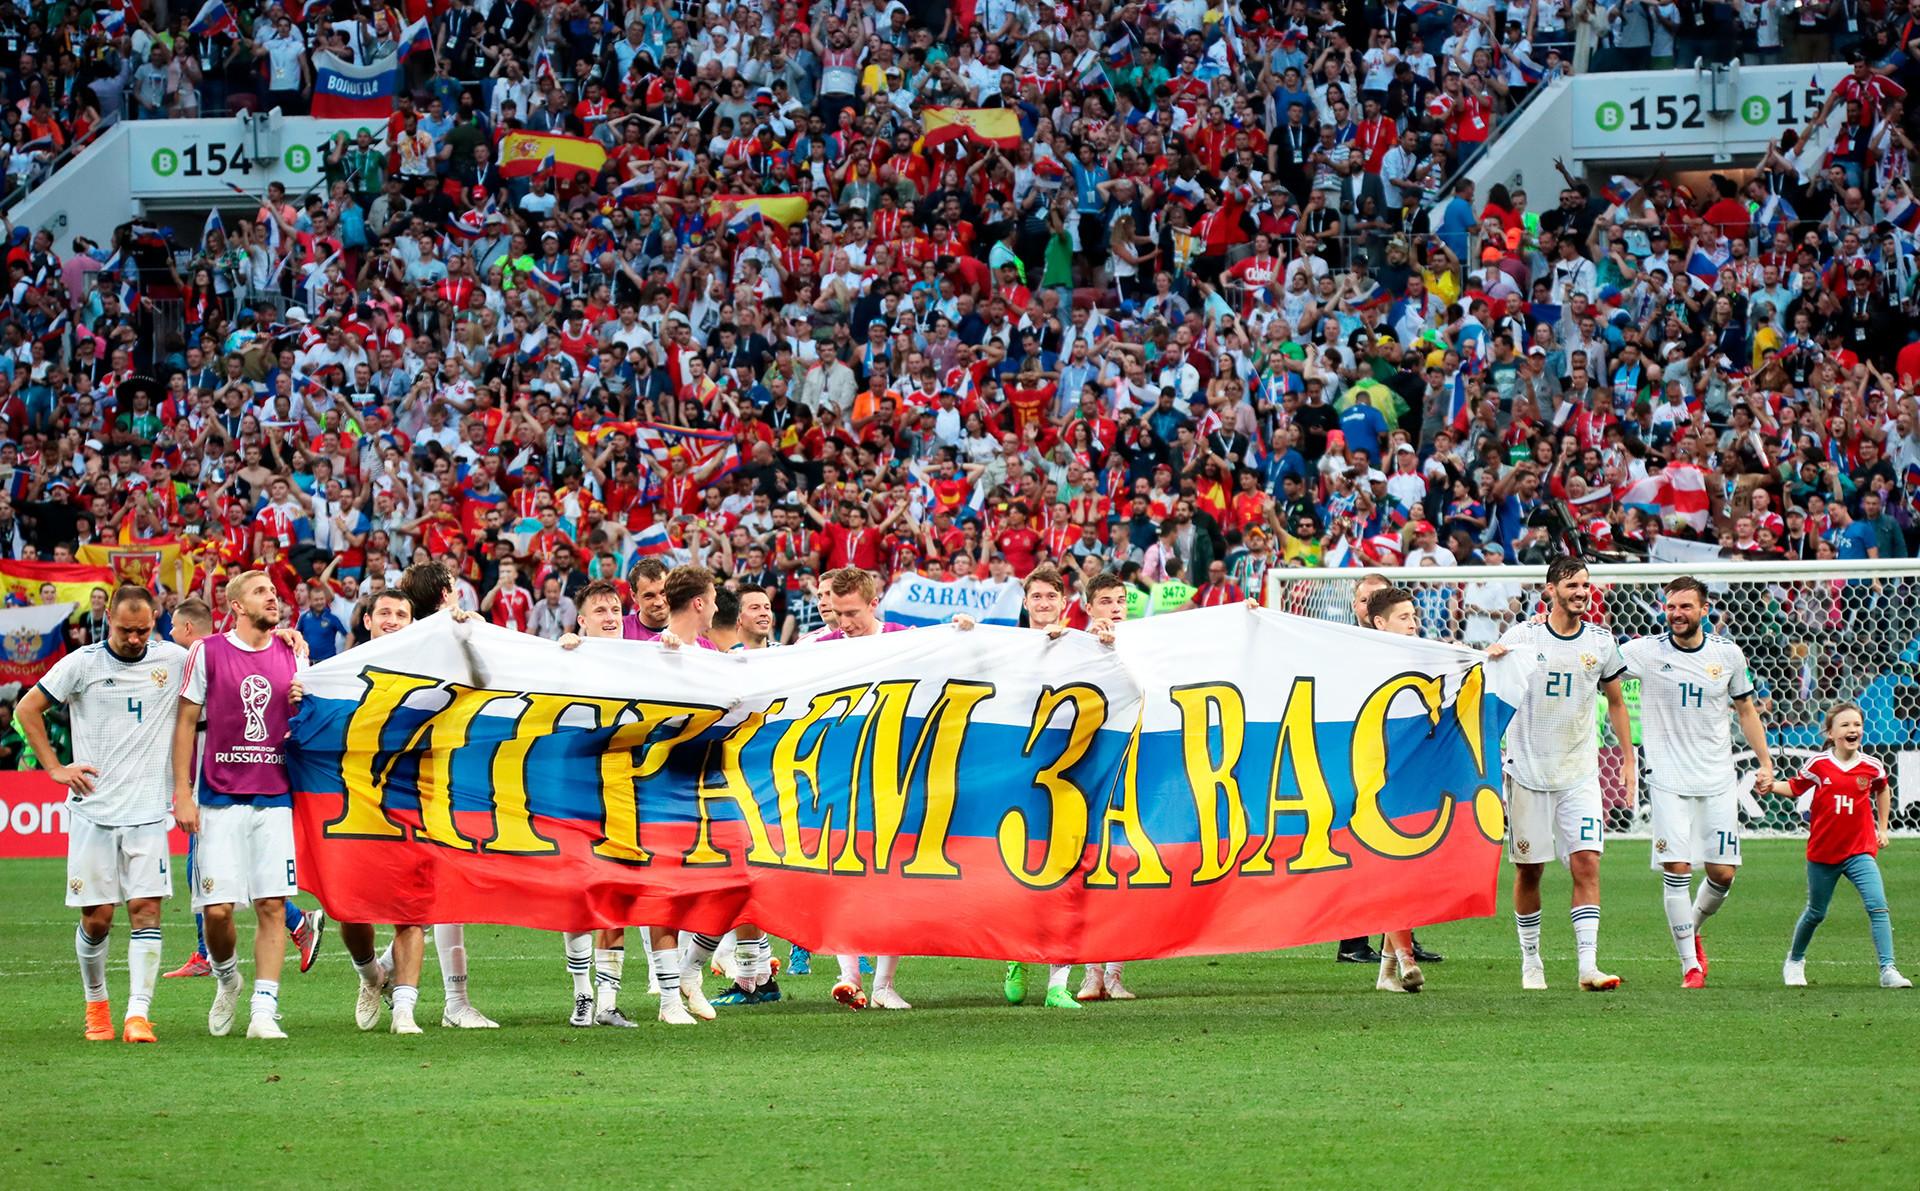 """Руски фудбалери се обраћају навијачима са банером """"Играмо за вас""""."""